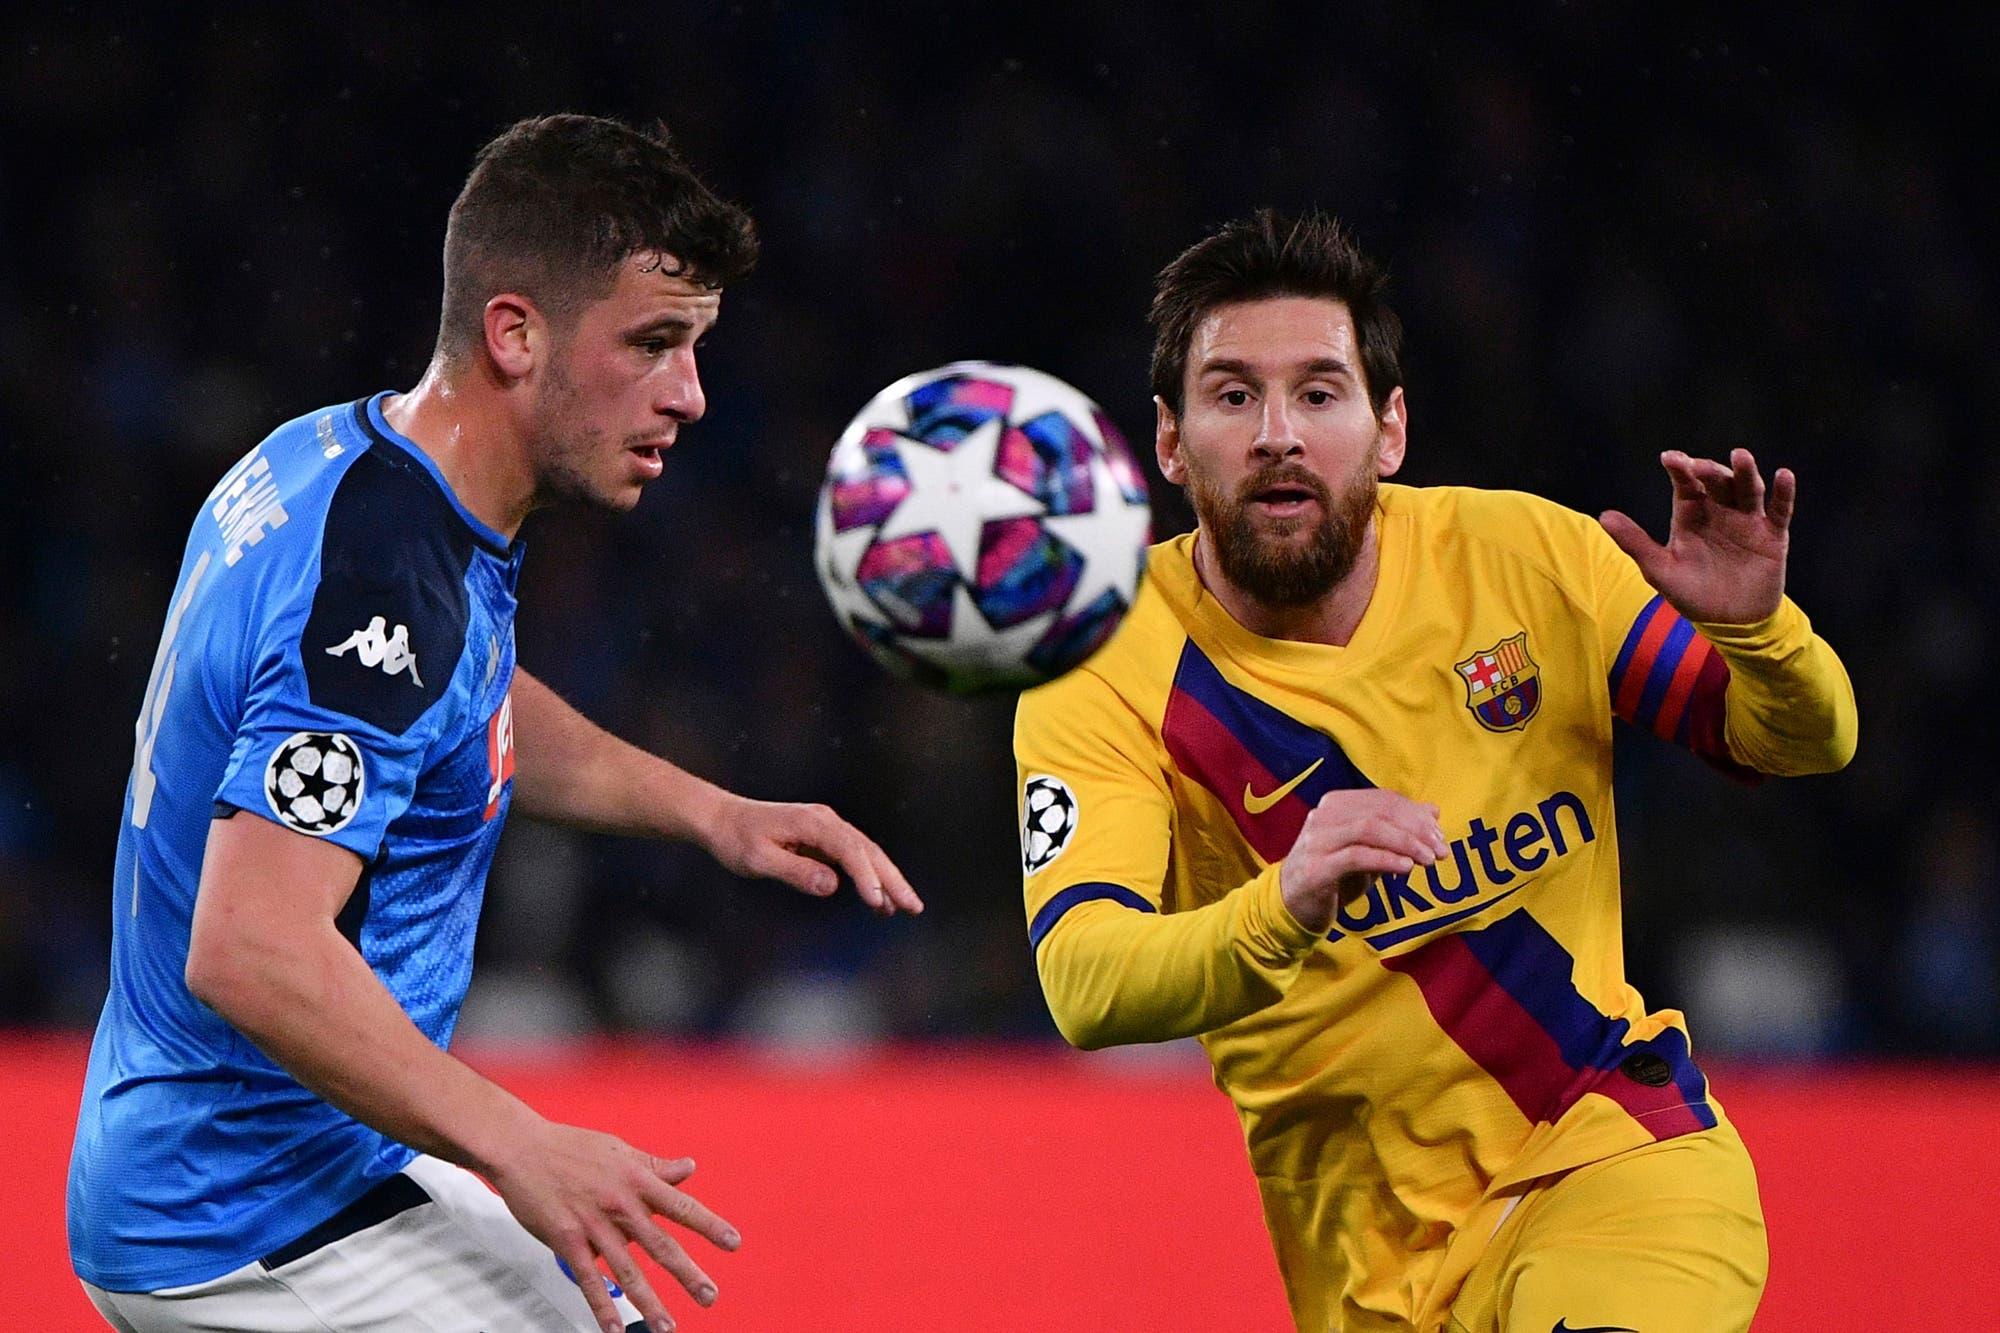 Napoli-Barcelona, por la Champions League: el 1 a 1 en el San Paolo dejó mejor parados a los catalanes